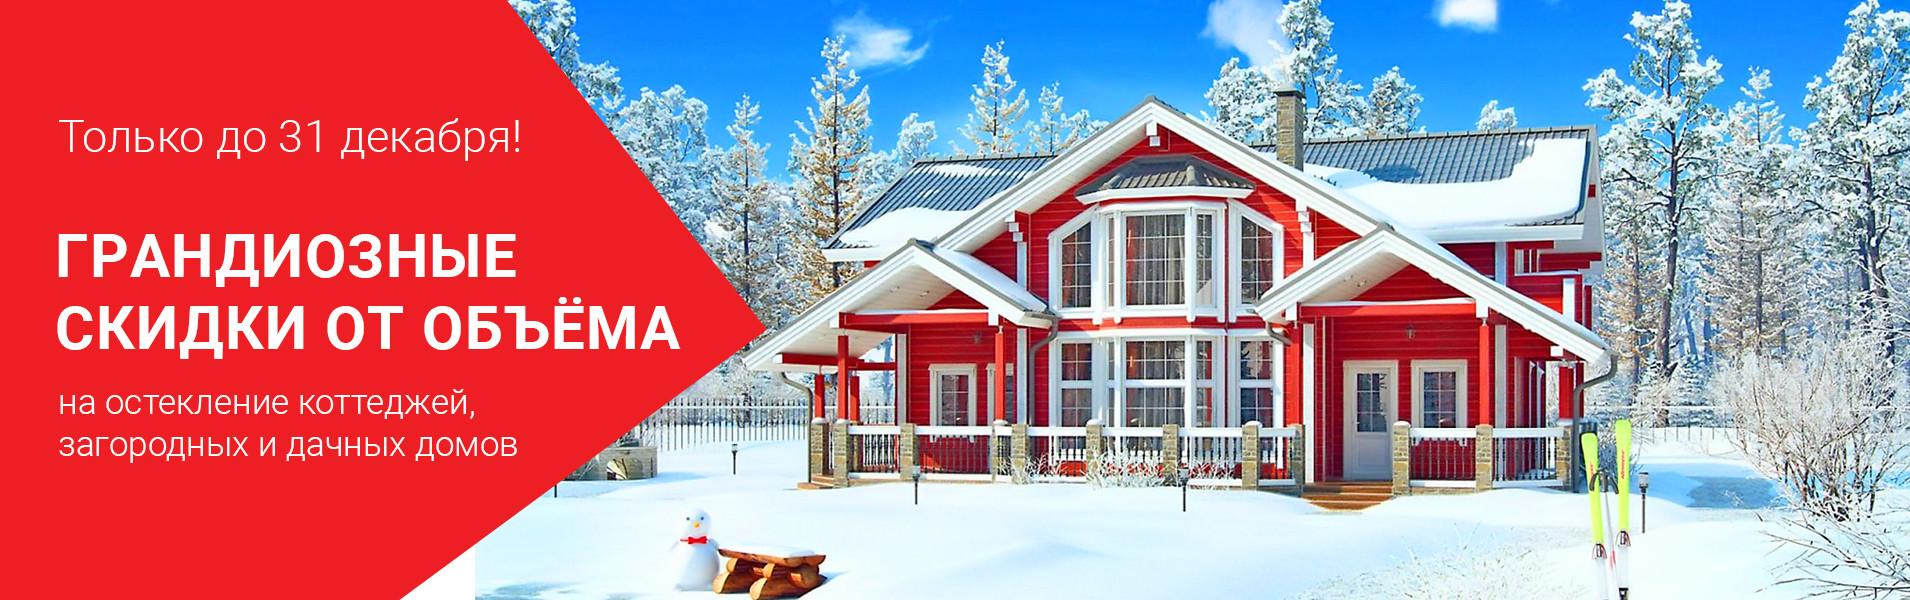 теплое и холодное остекление коттеджей, загородных домов и дач